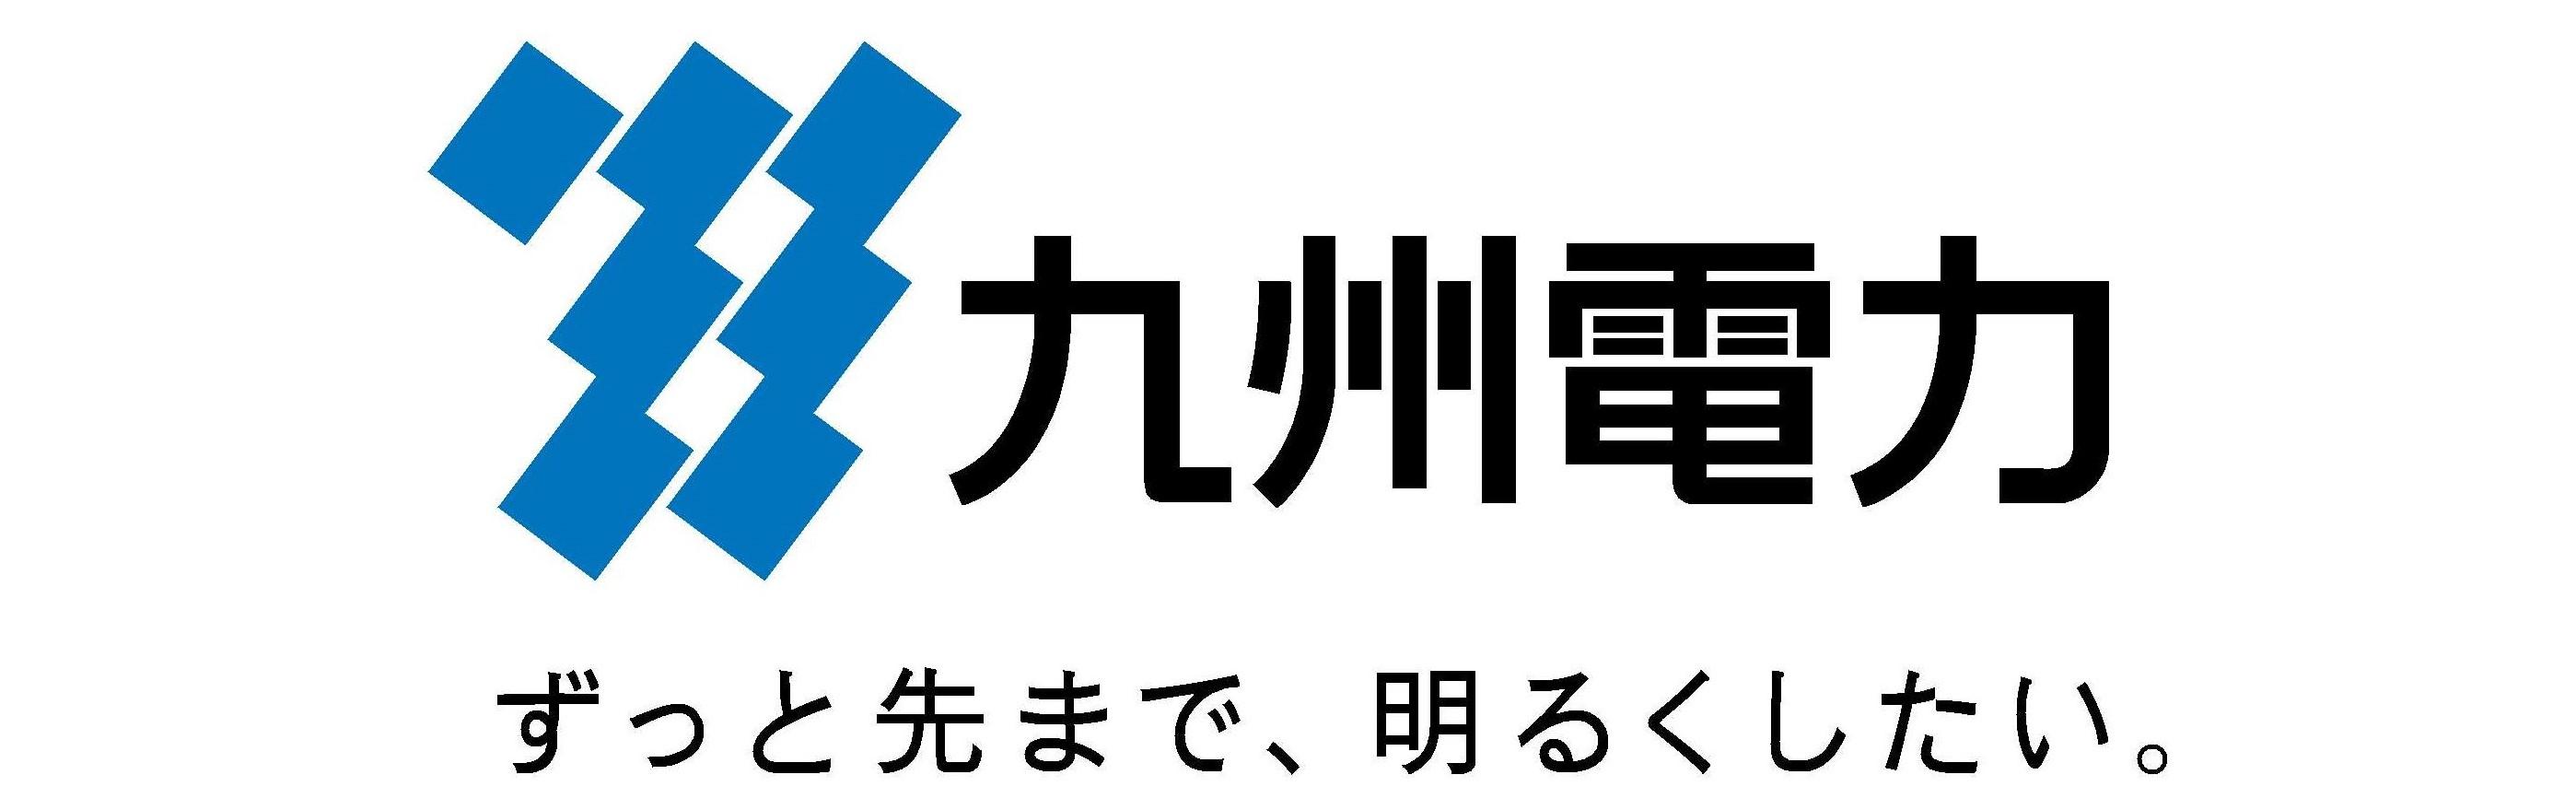 九州電力宮崎支社